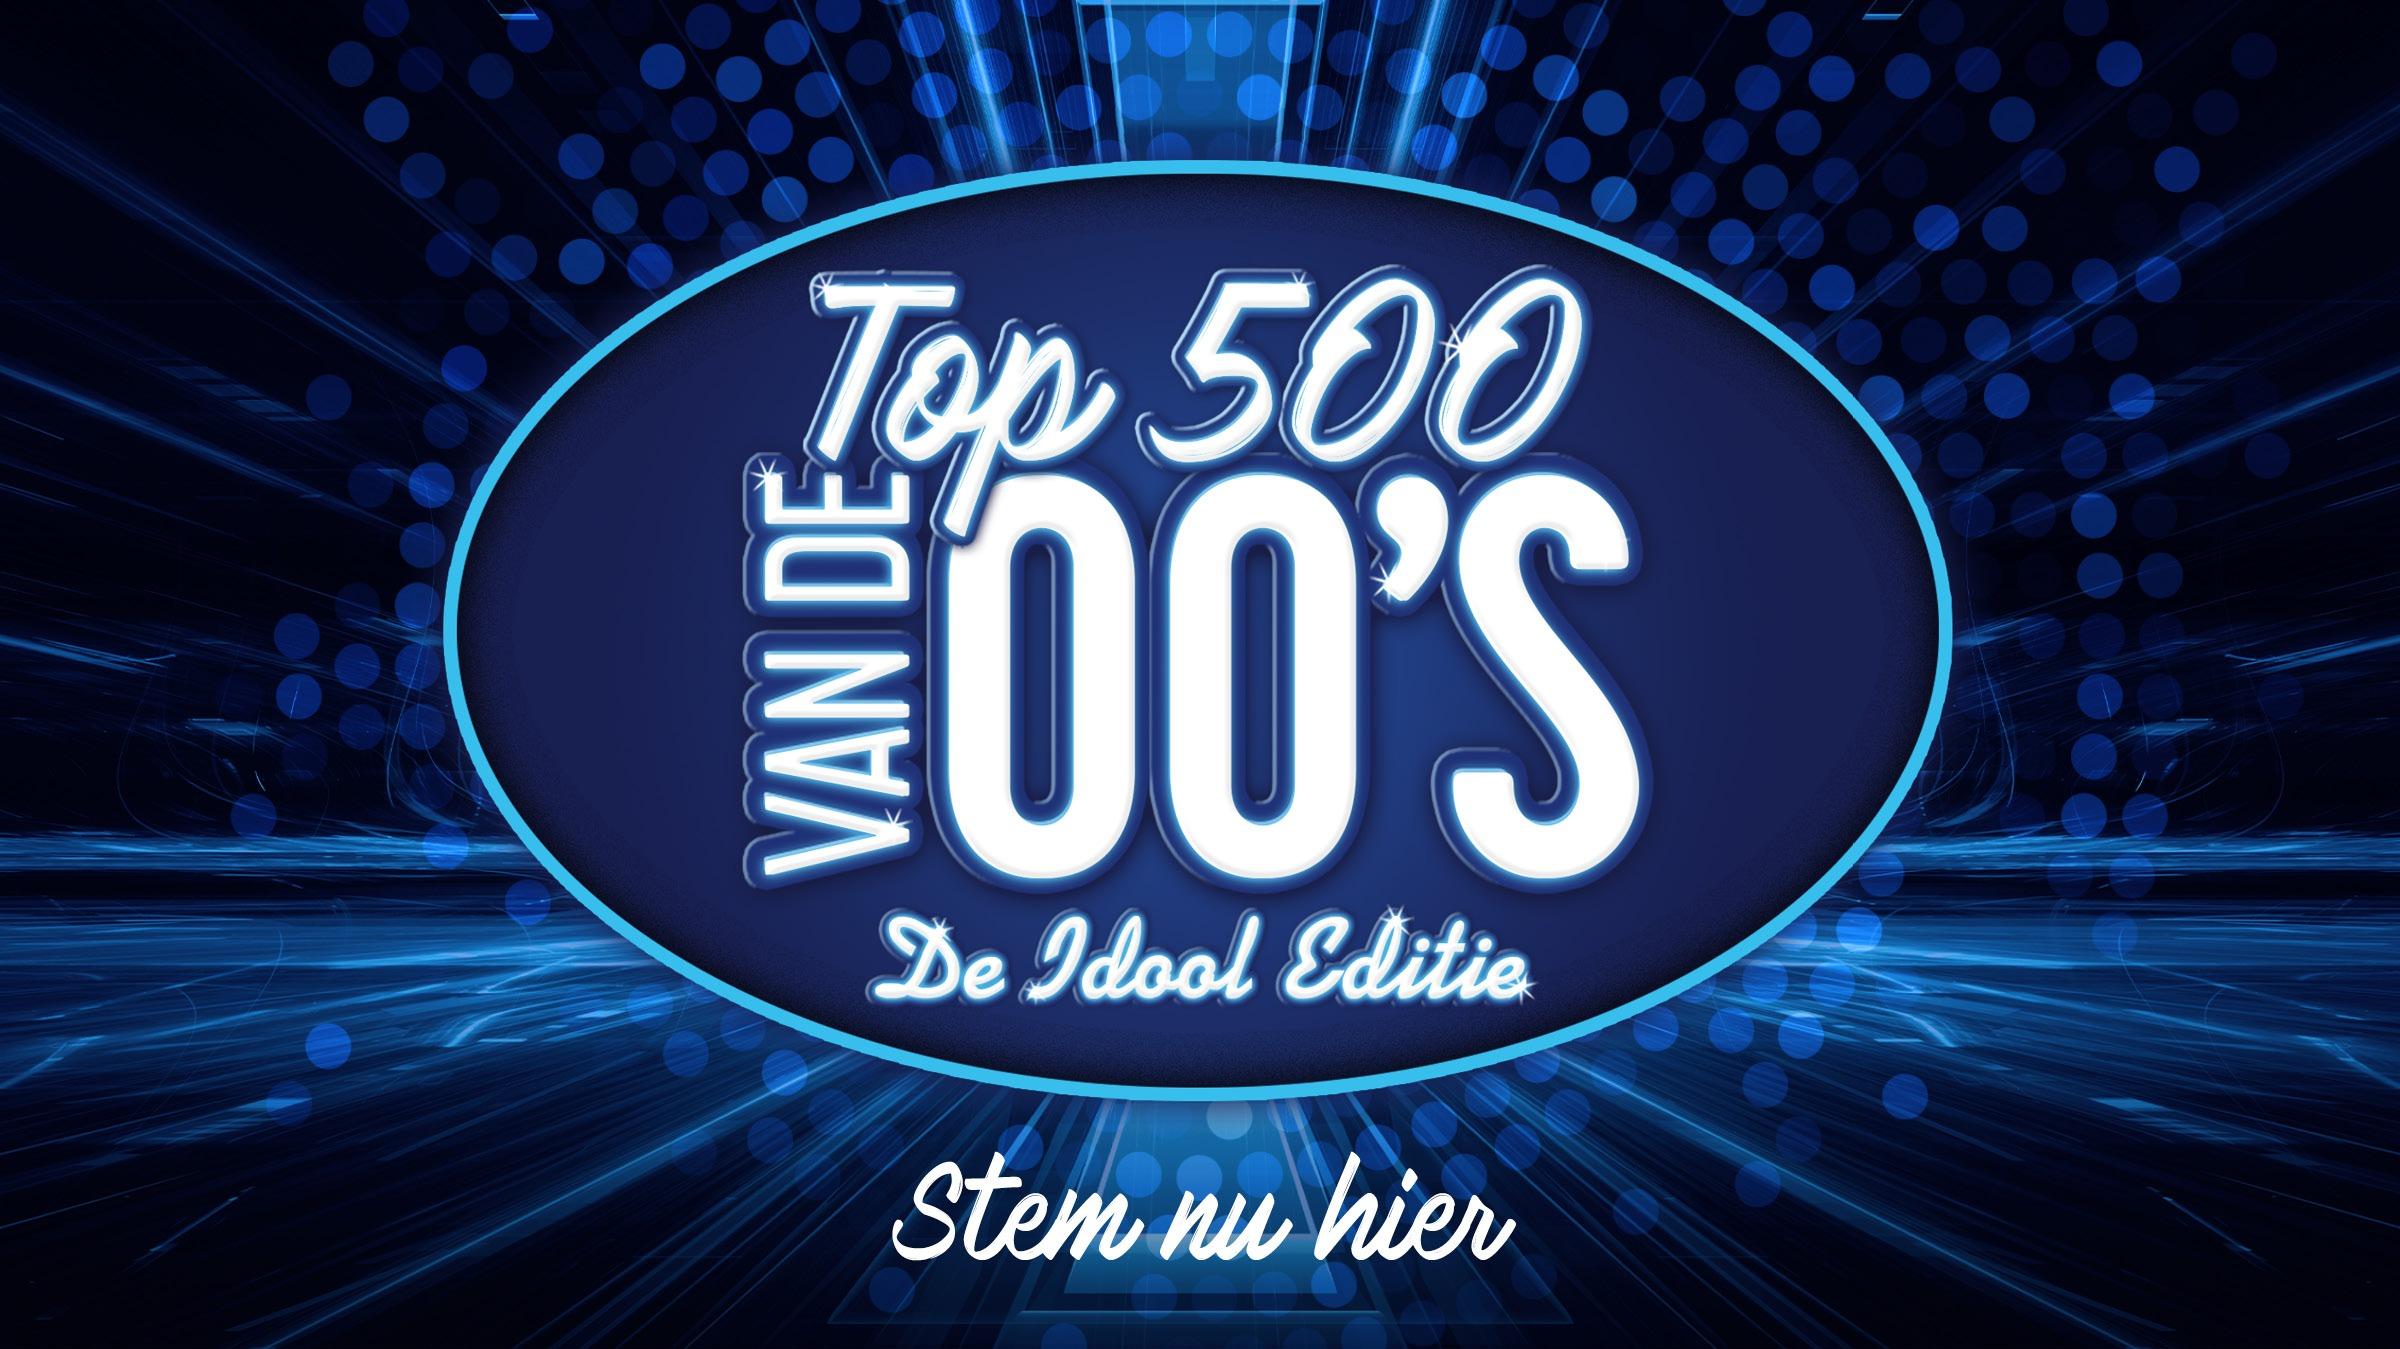 Top500vande00 s 2400x1350 1